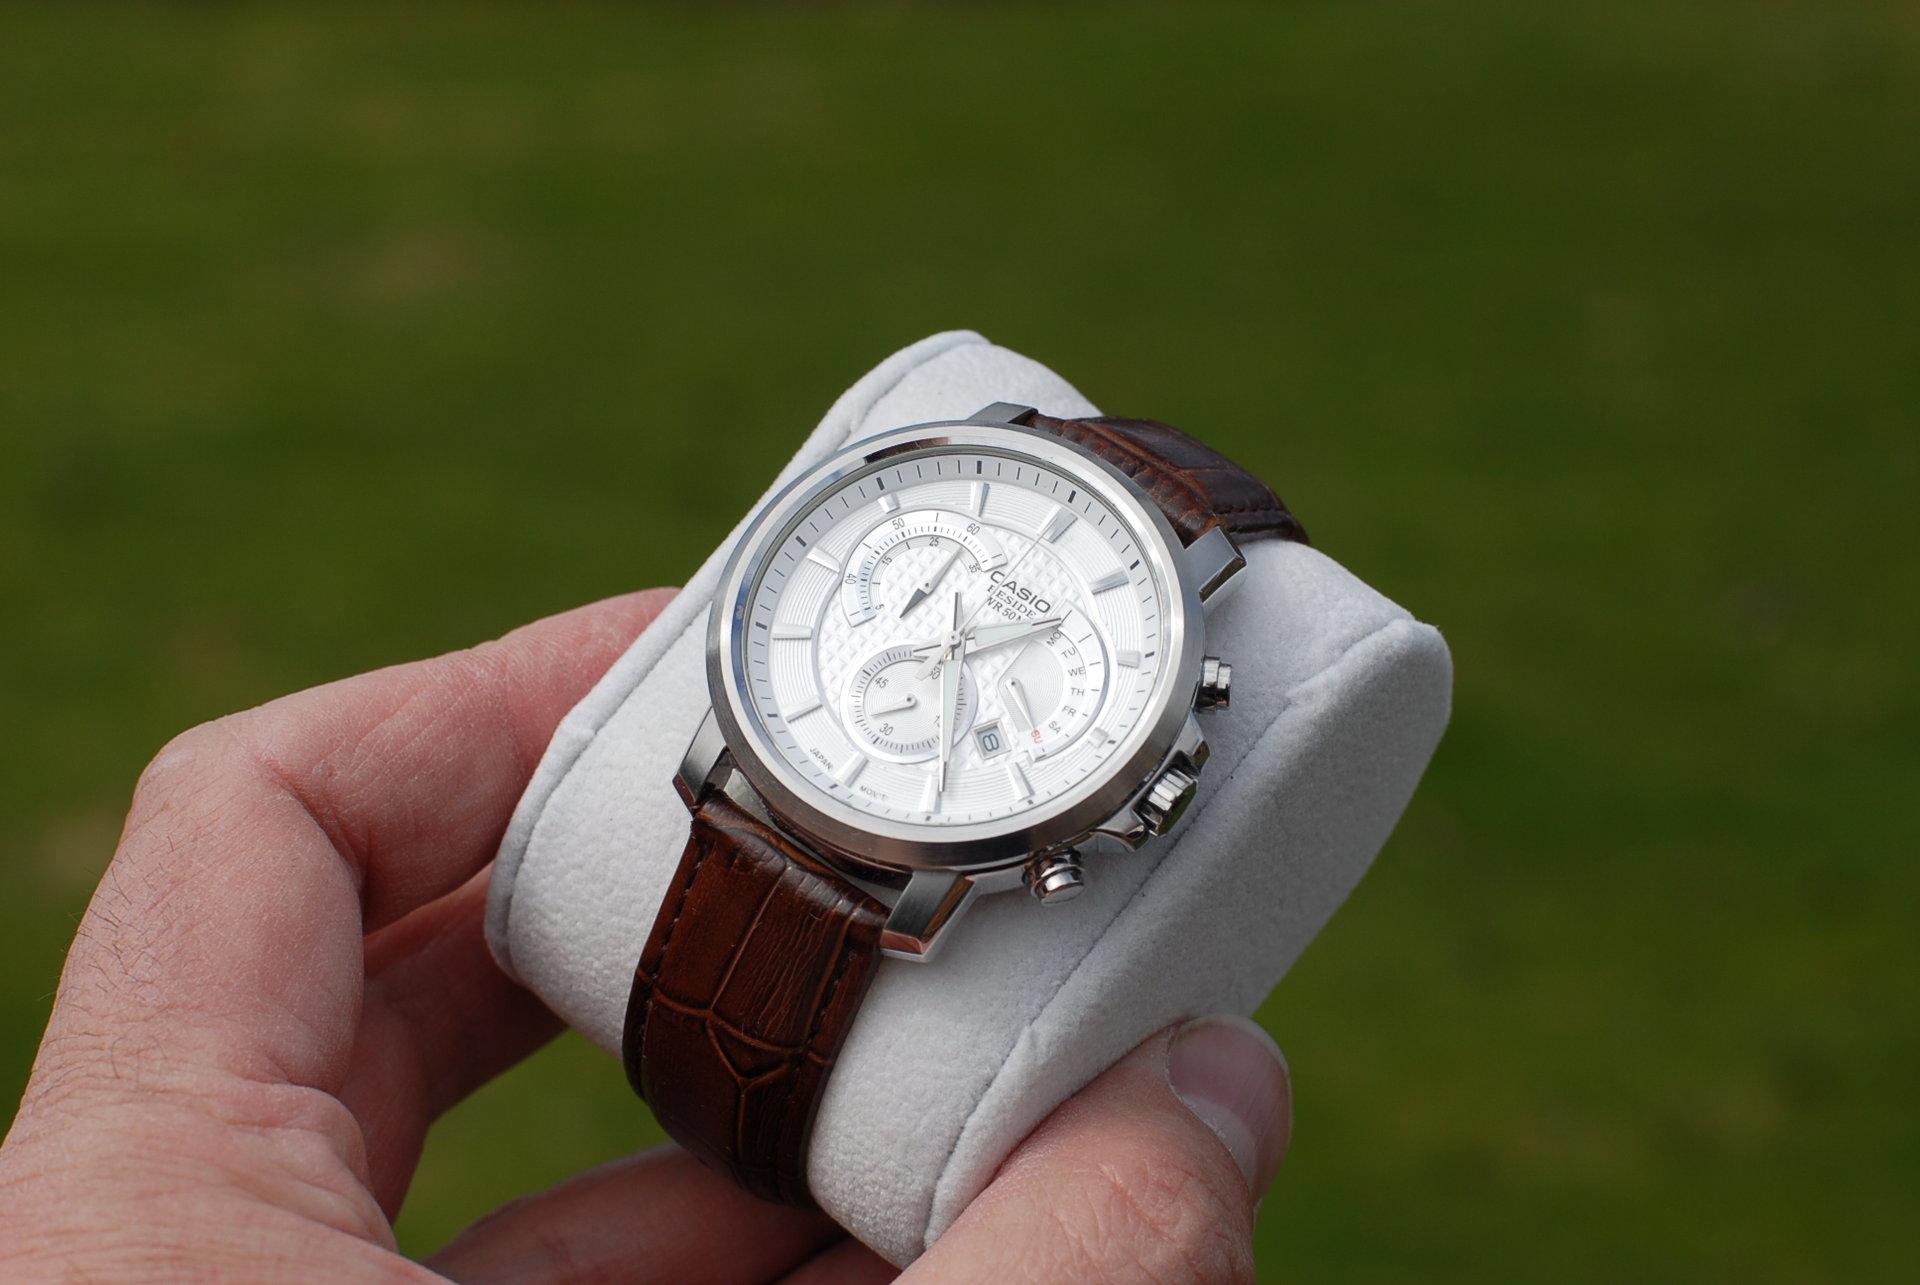 Đồng hồ Casio Beside wr50m